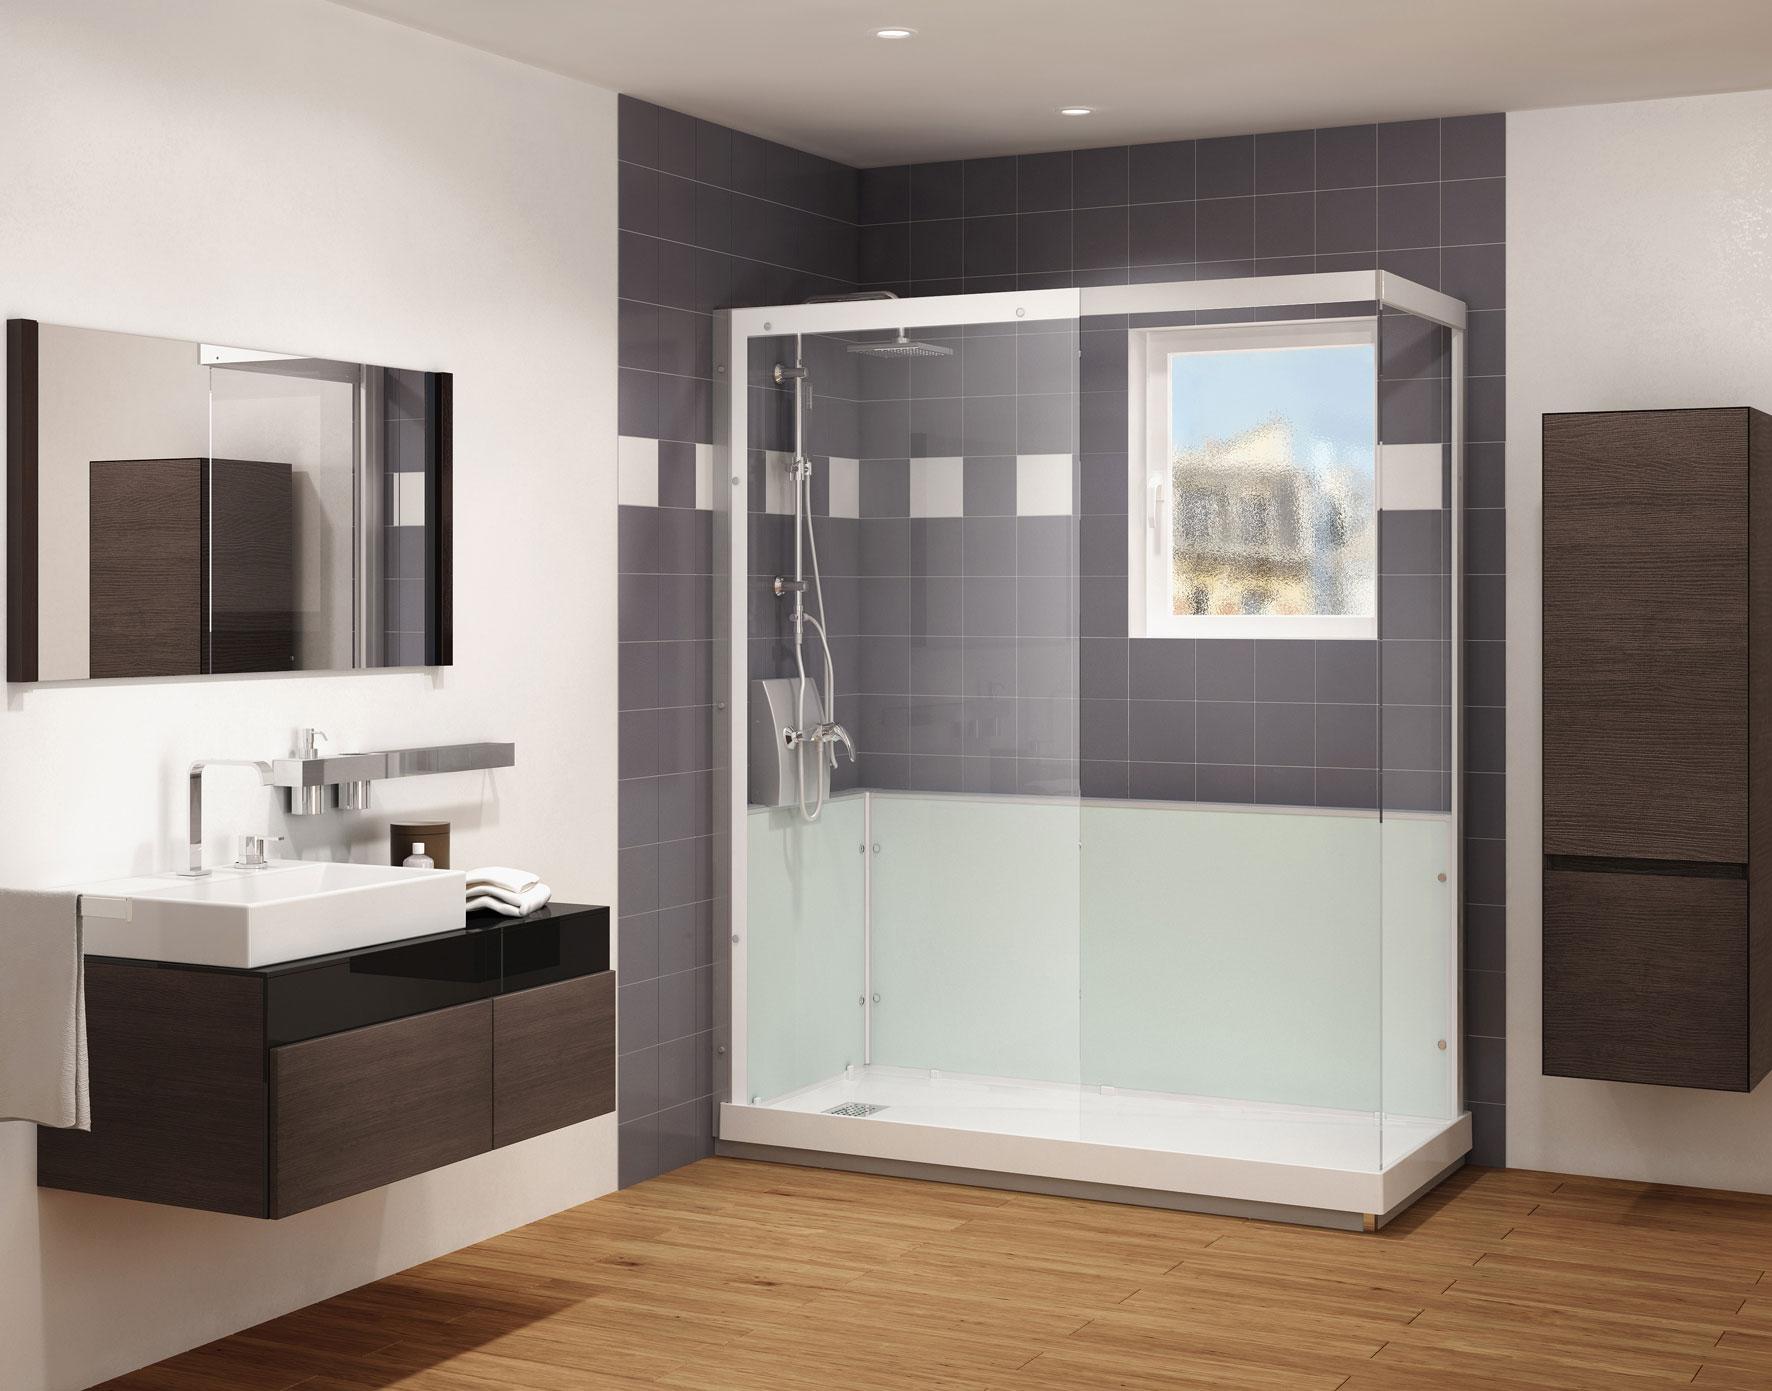 Cuartos De Baño Con Ducha Fotos: para el cambio de bañera a zona de ducha casi sin obras